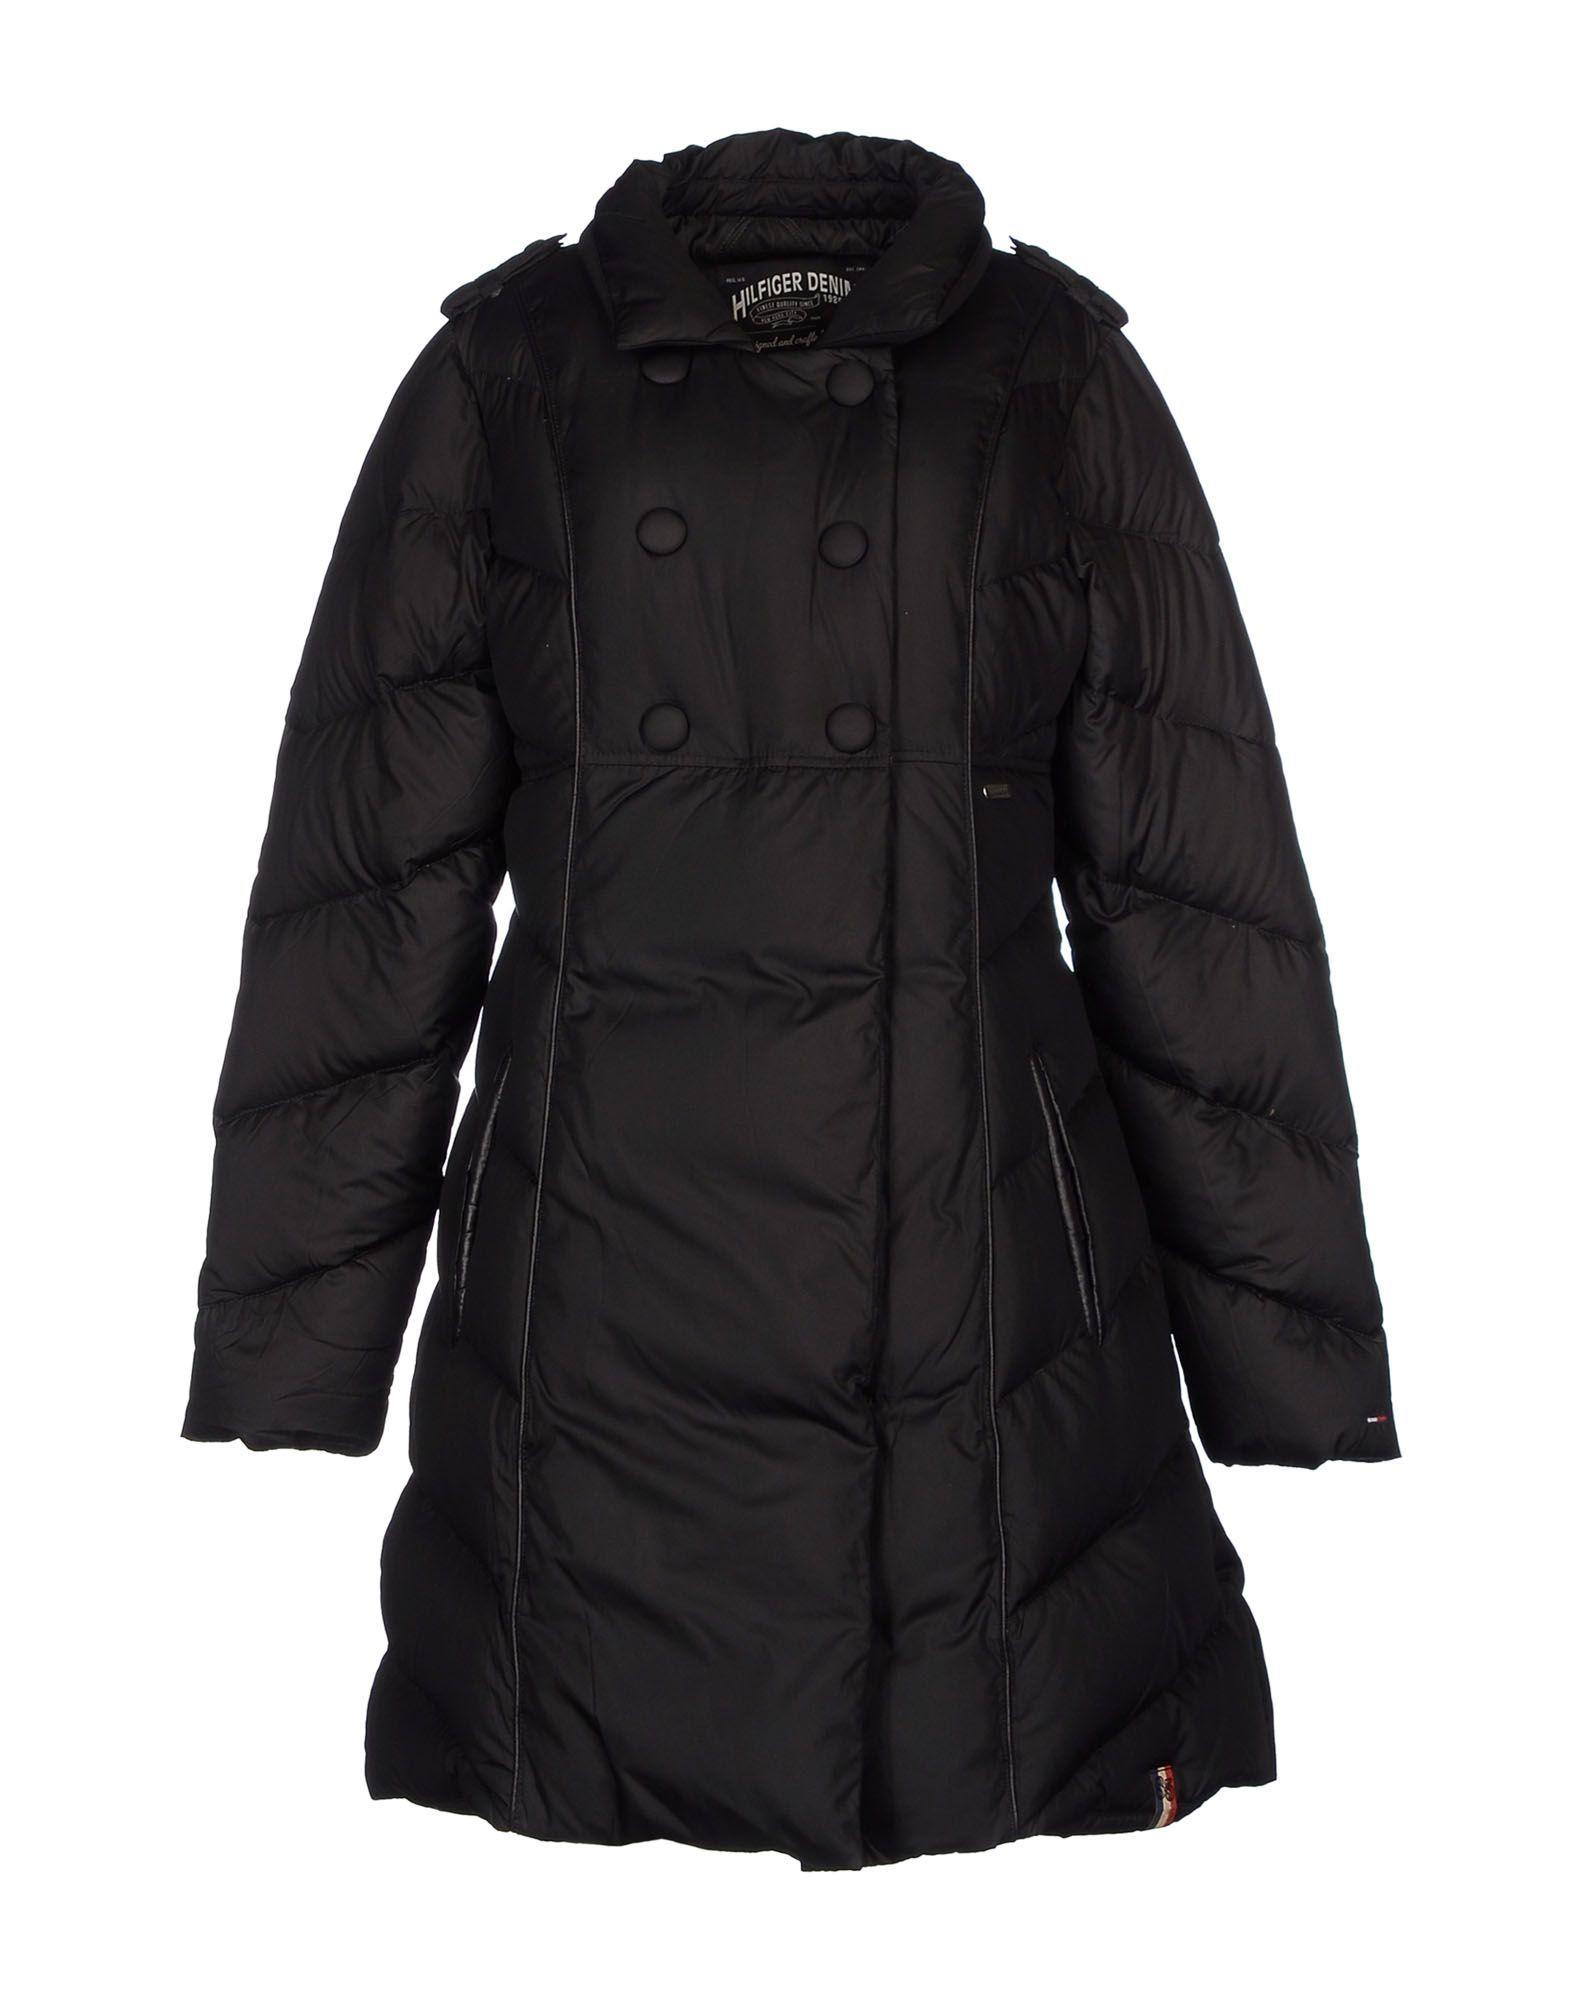 Buy NOW!  TOMMY HILFIGER DENIM Down jackets - Item 41548234 #CoatsJackets, #DownJackets, #TOMMYHILFIGERDENIMDownjacketsItem41548234, #YOOX http://www.fashionrunway.com.au/shop/yoox/tommy-hilfiger-denim-down-jackets-item-41548234/